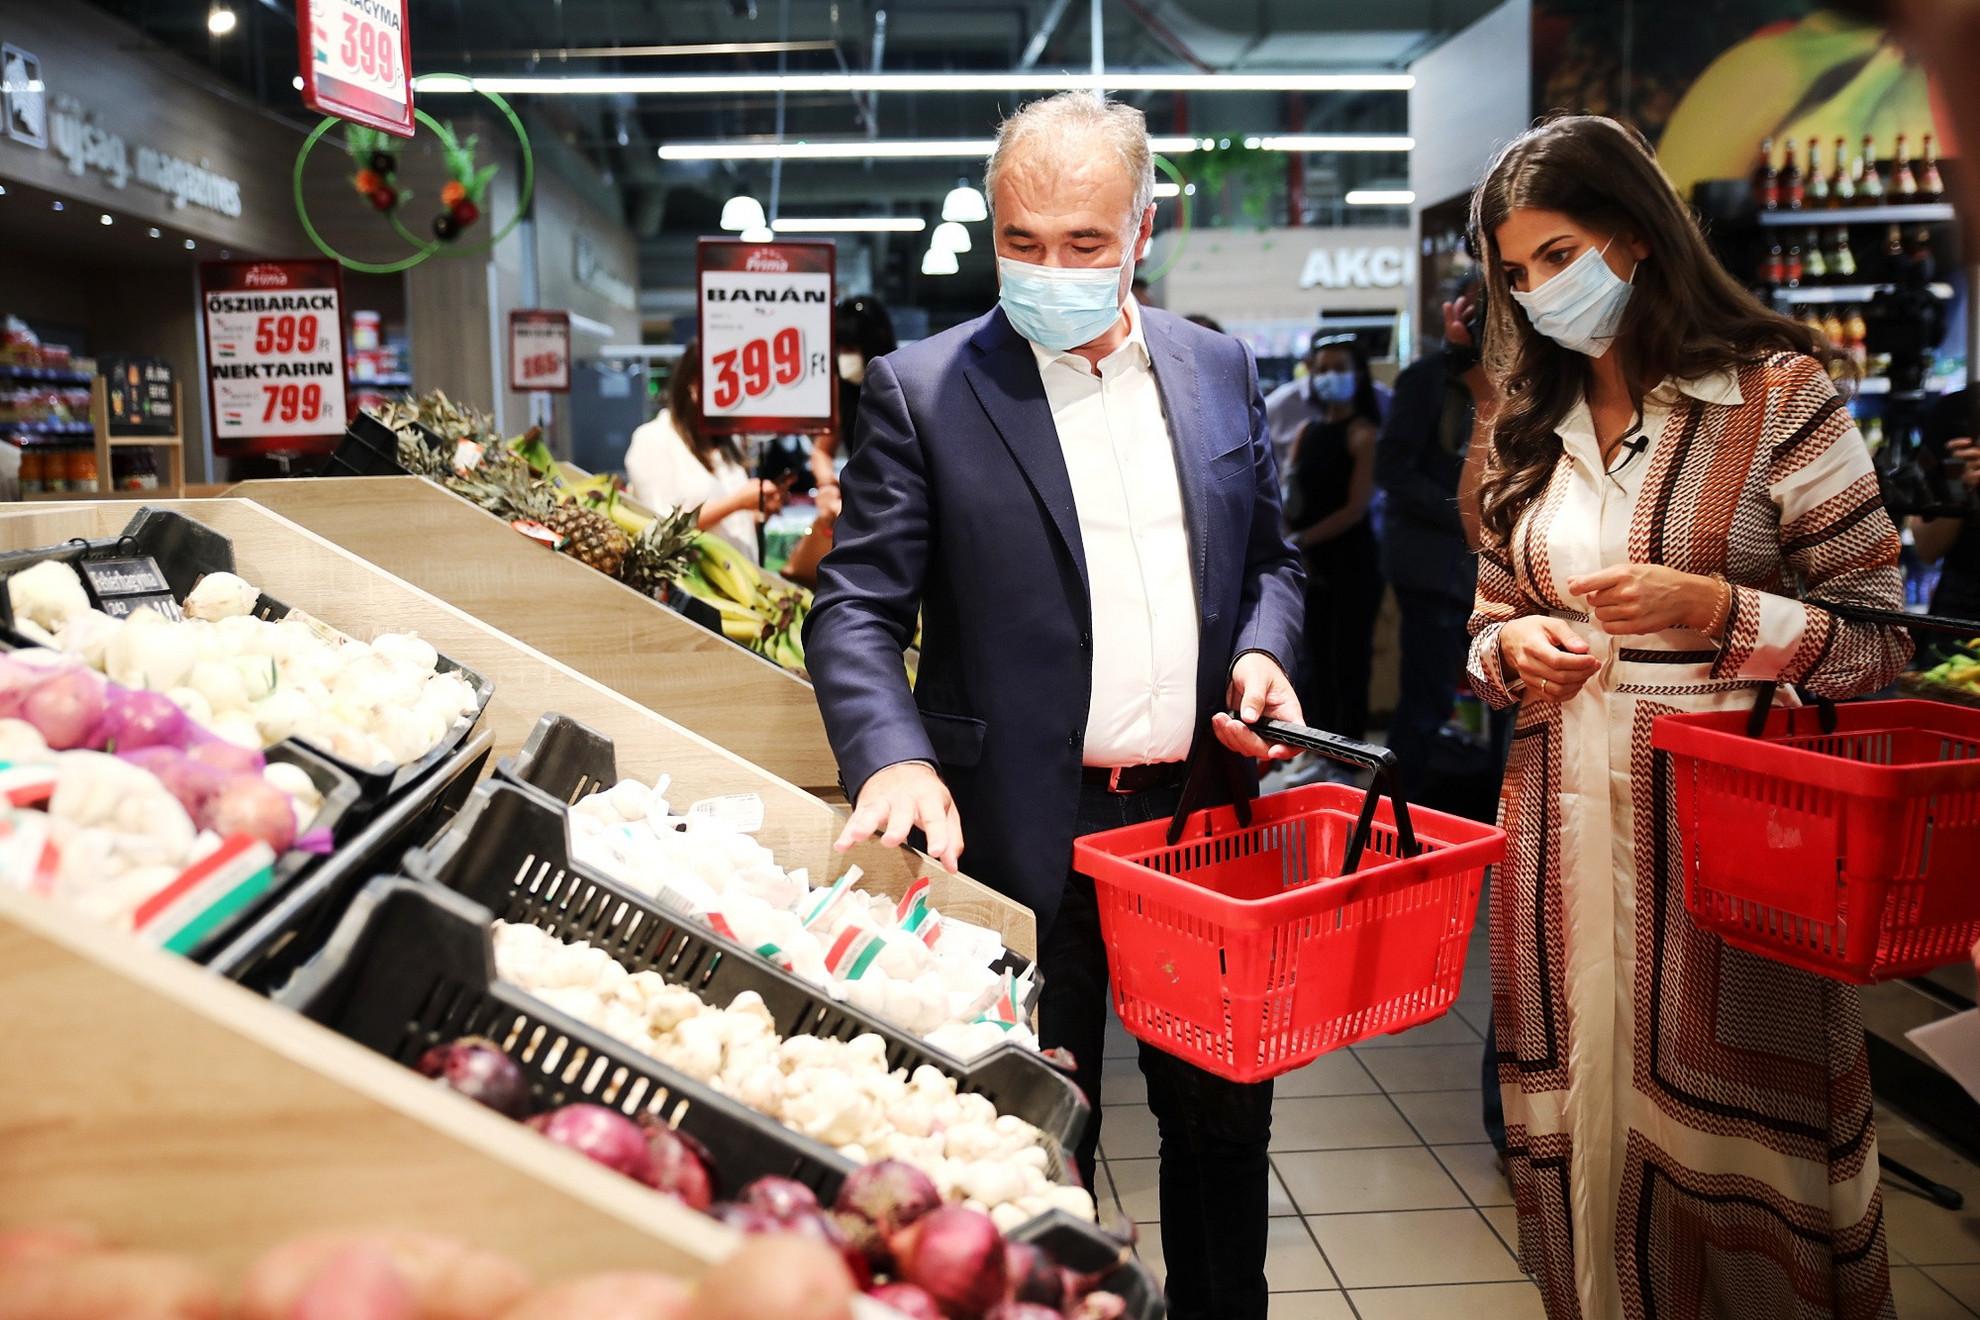 A vásárlók egyre inkább az ár-érték alapján hozzák meg döntéseiket, emellett sokan és egyre többen a magyar termékeket választják